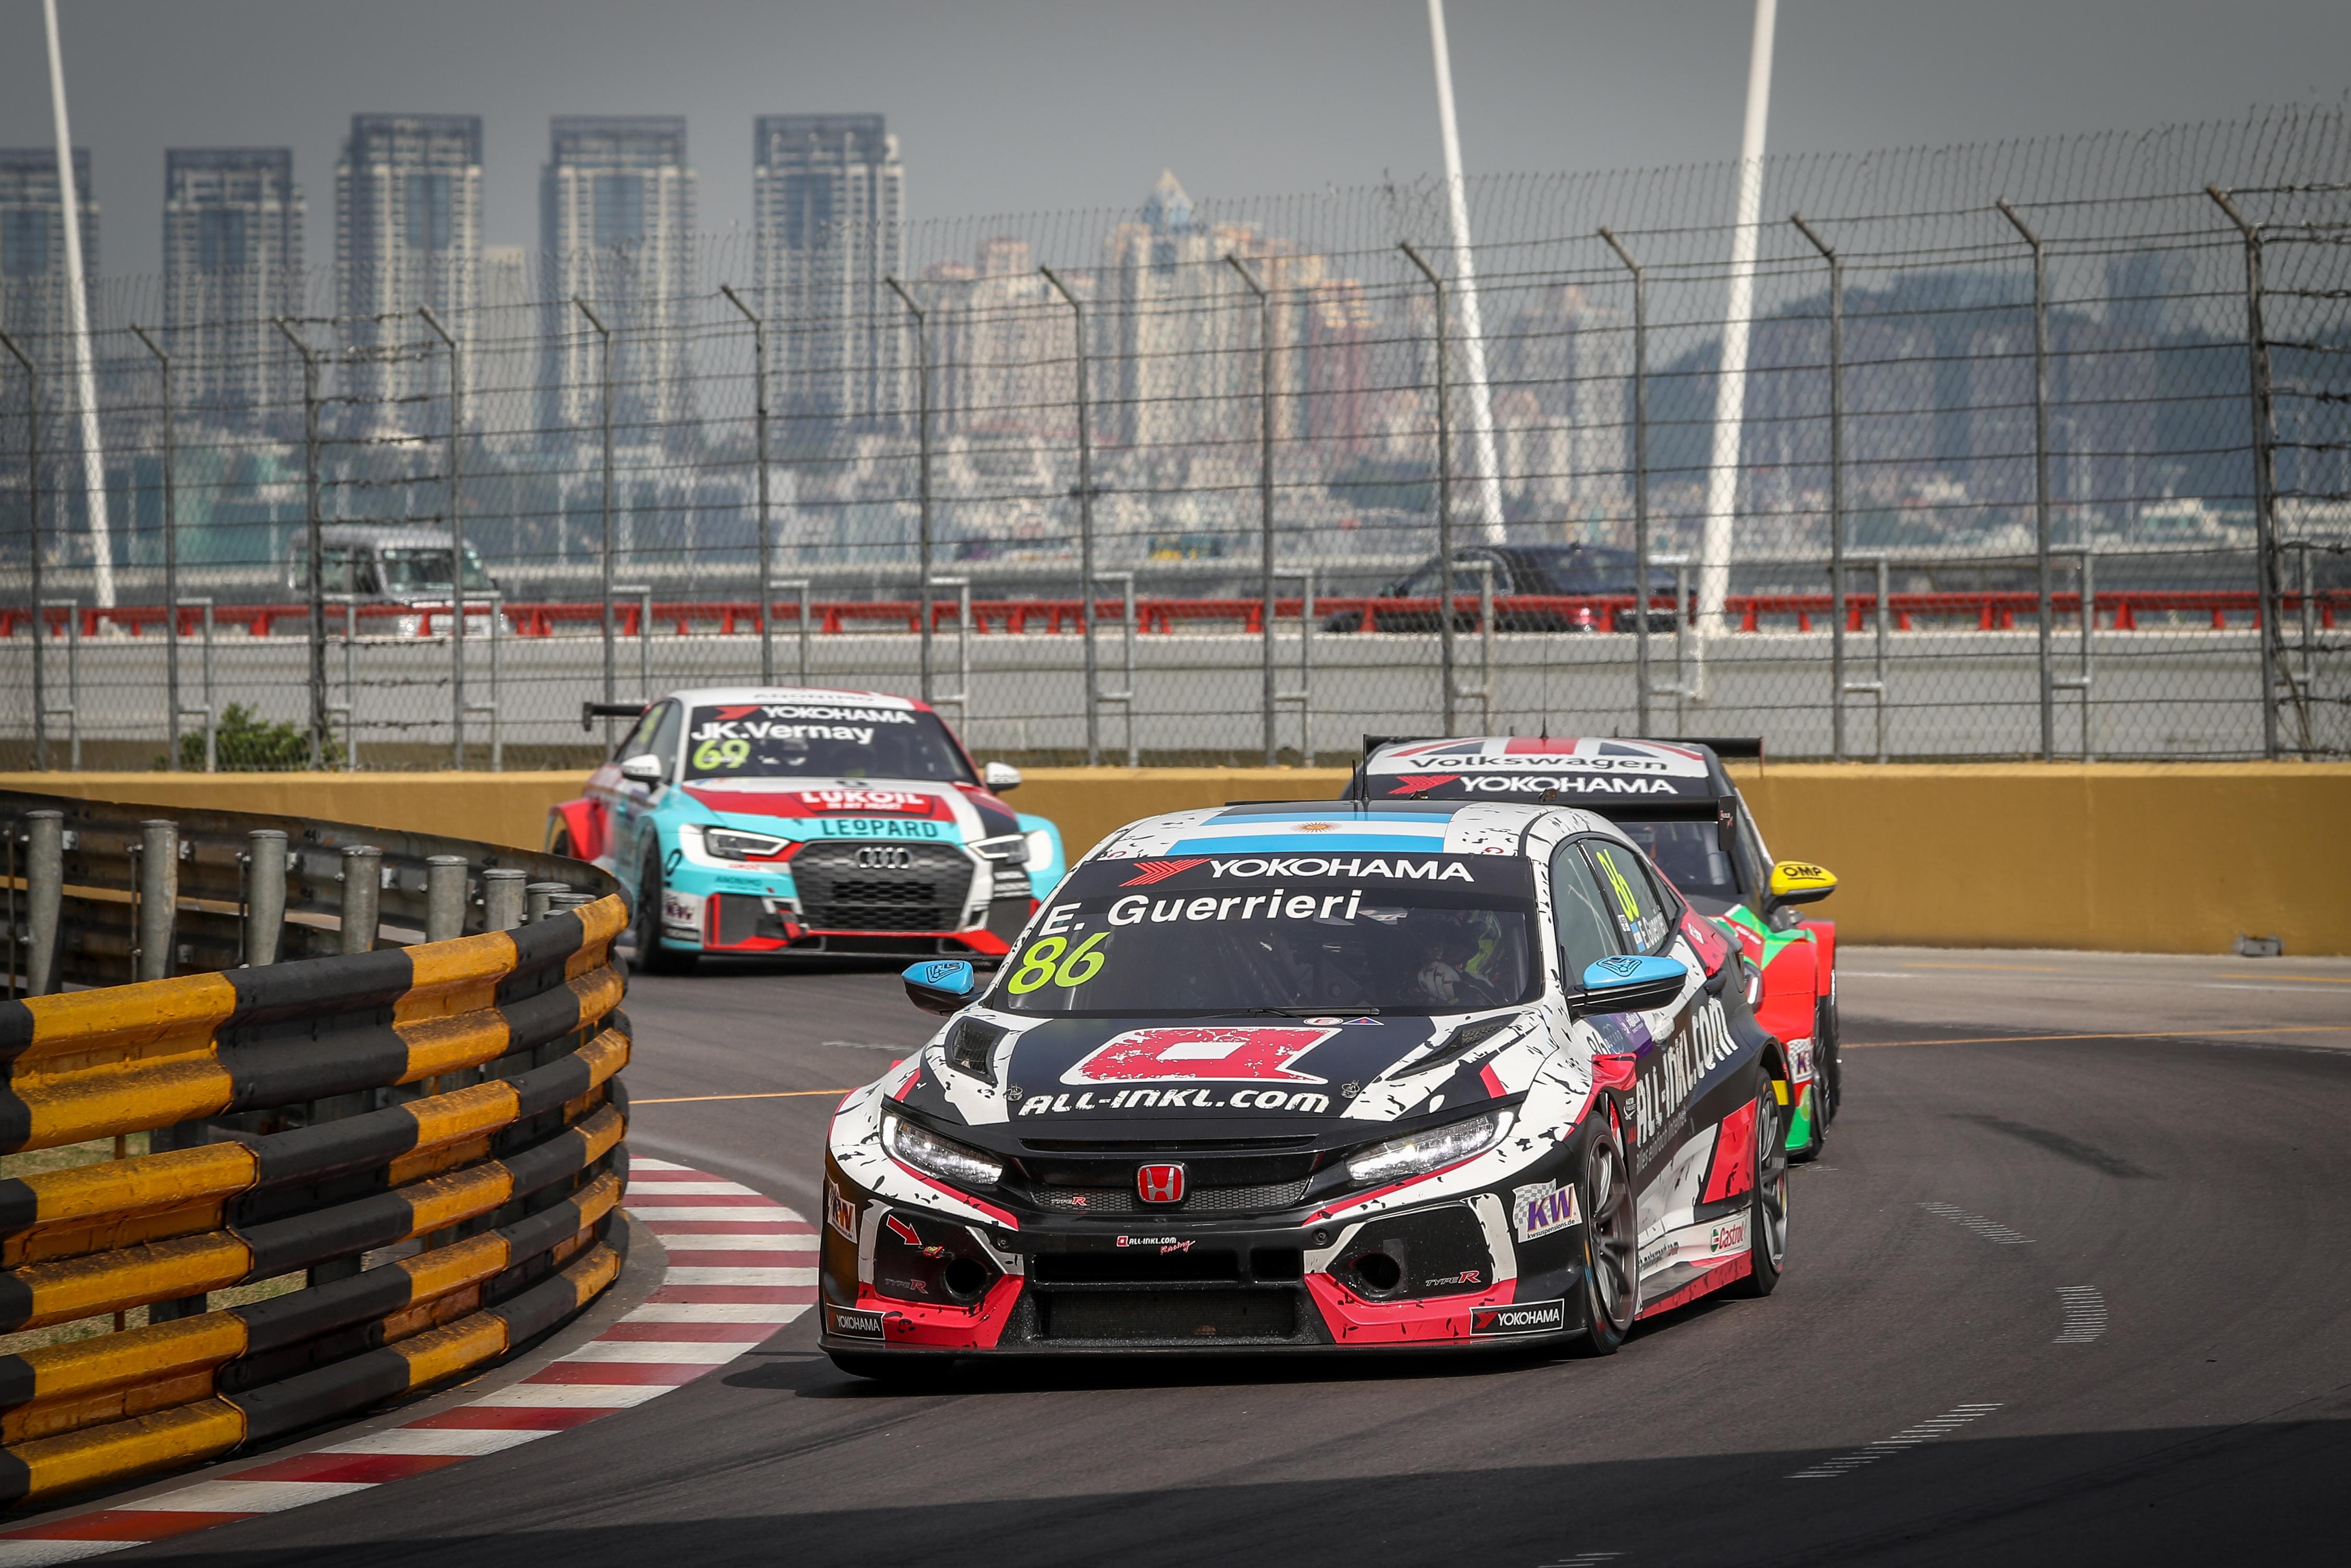 Guerrieris WTCR Sieg rundet bemerkenswerten Hattrick von Honda in Macau ab